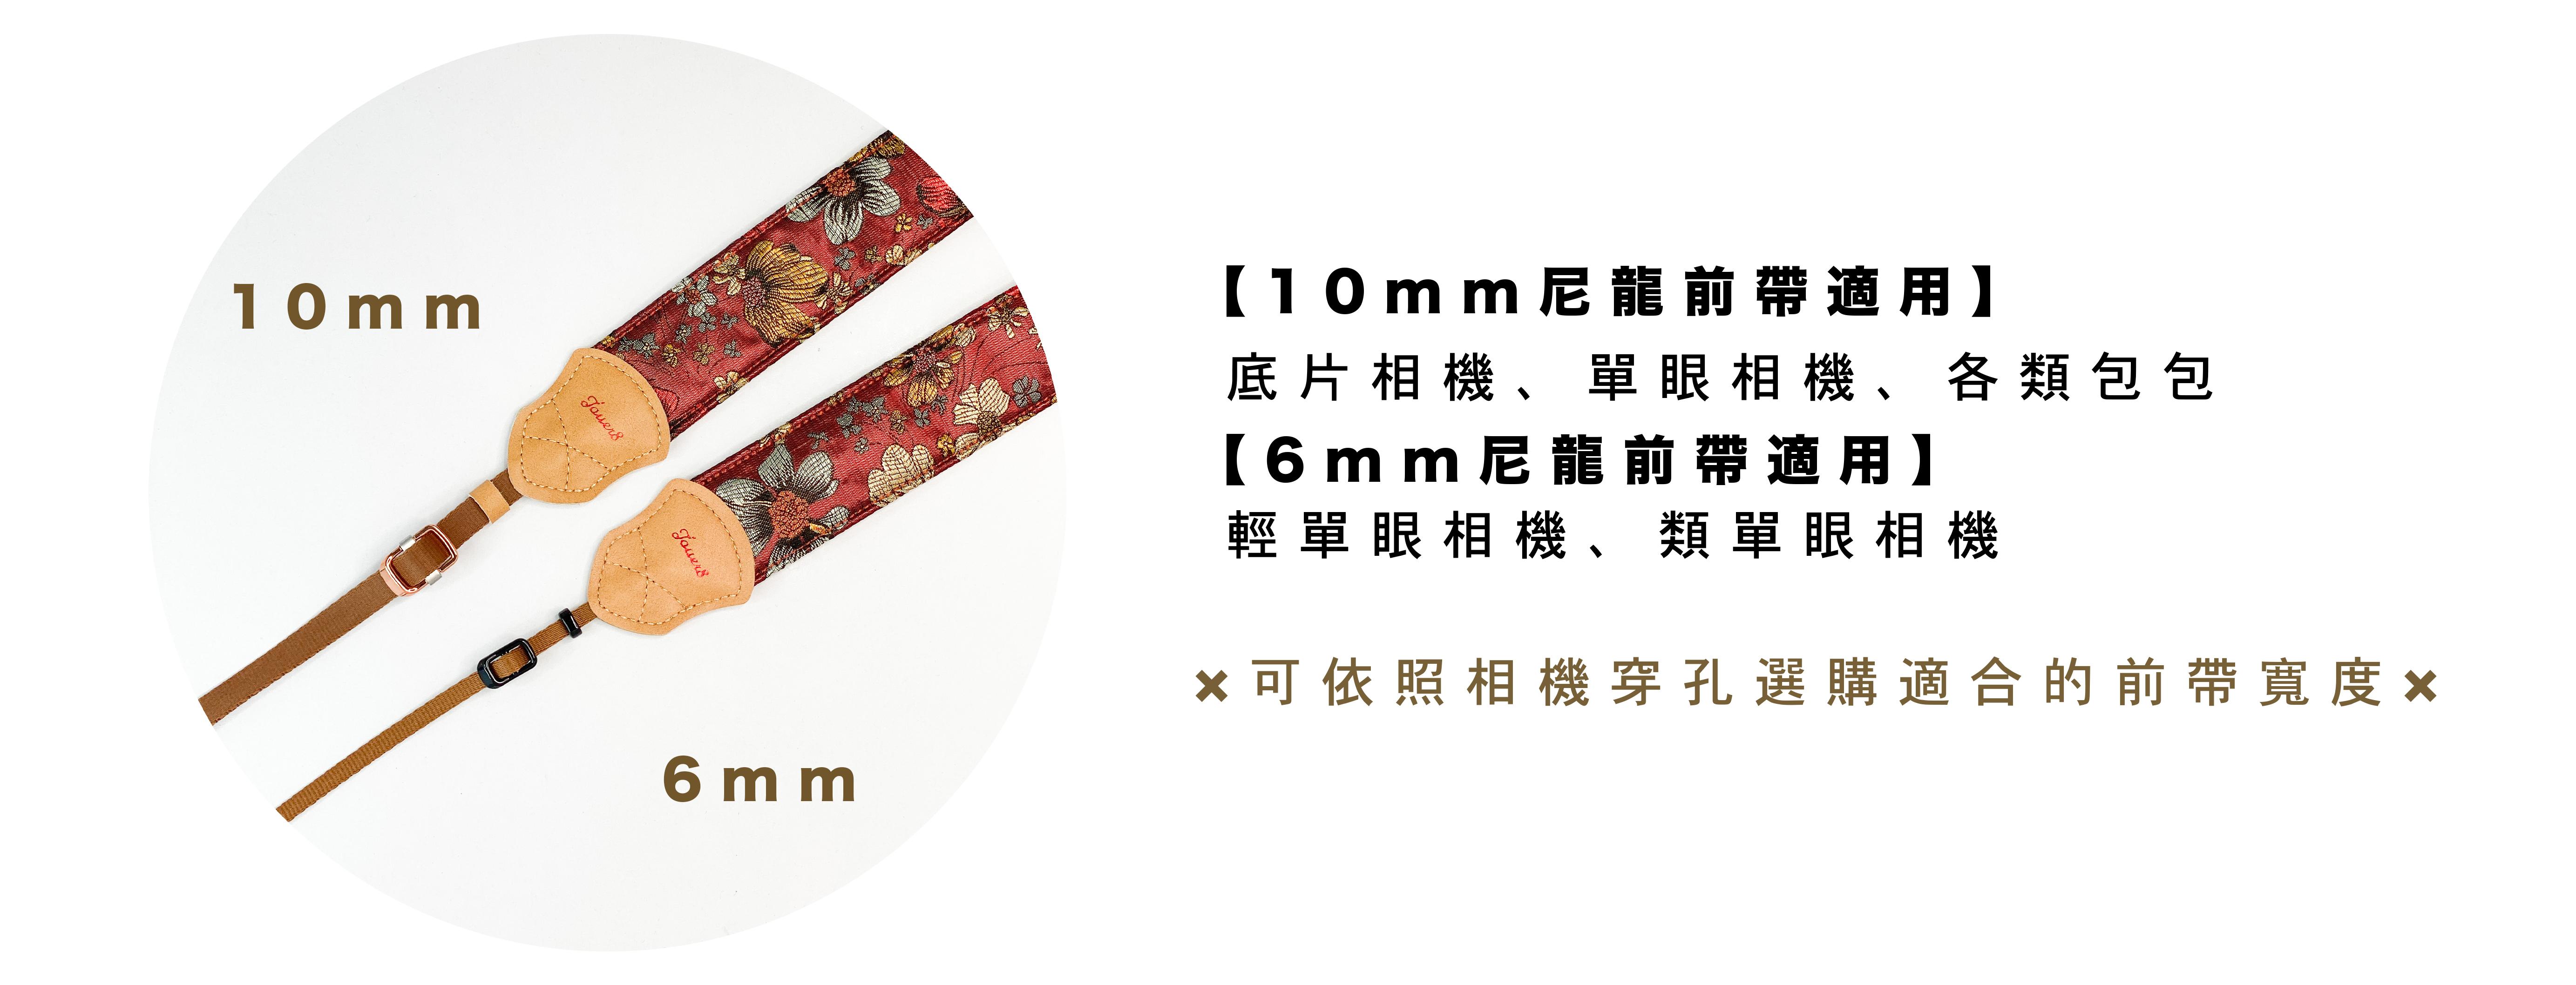 尼龍神1.jpg